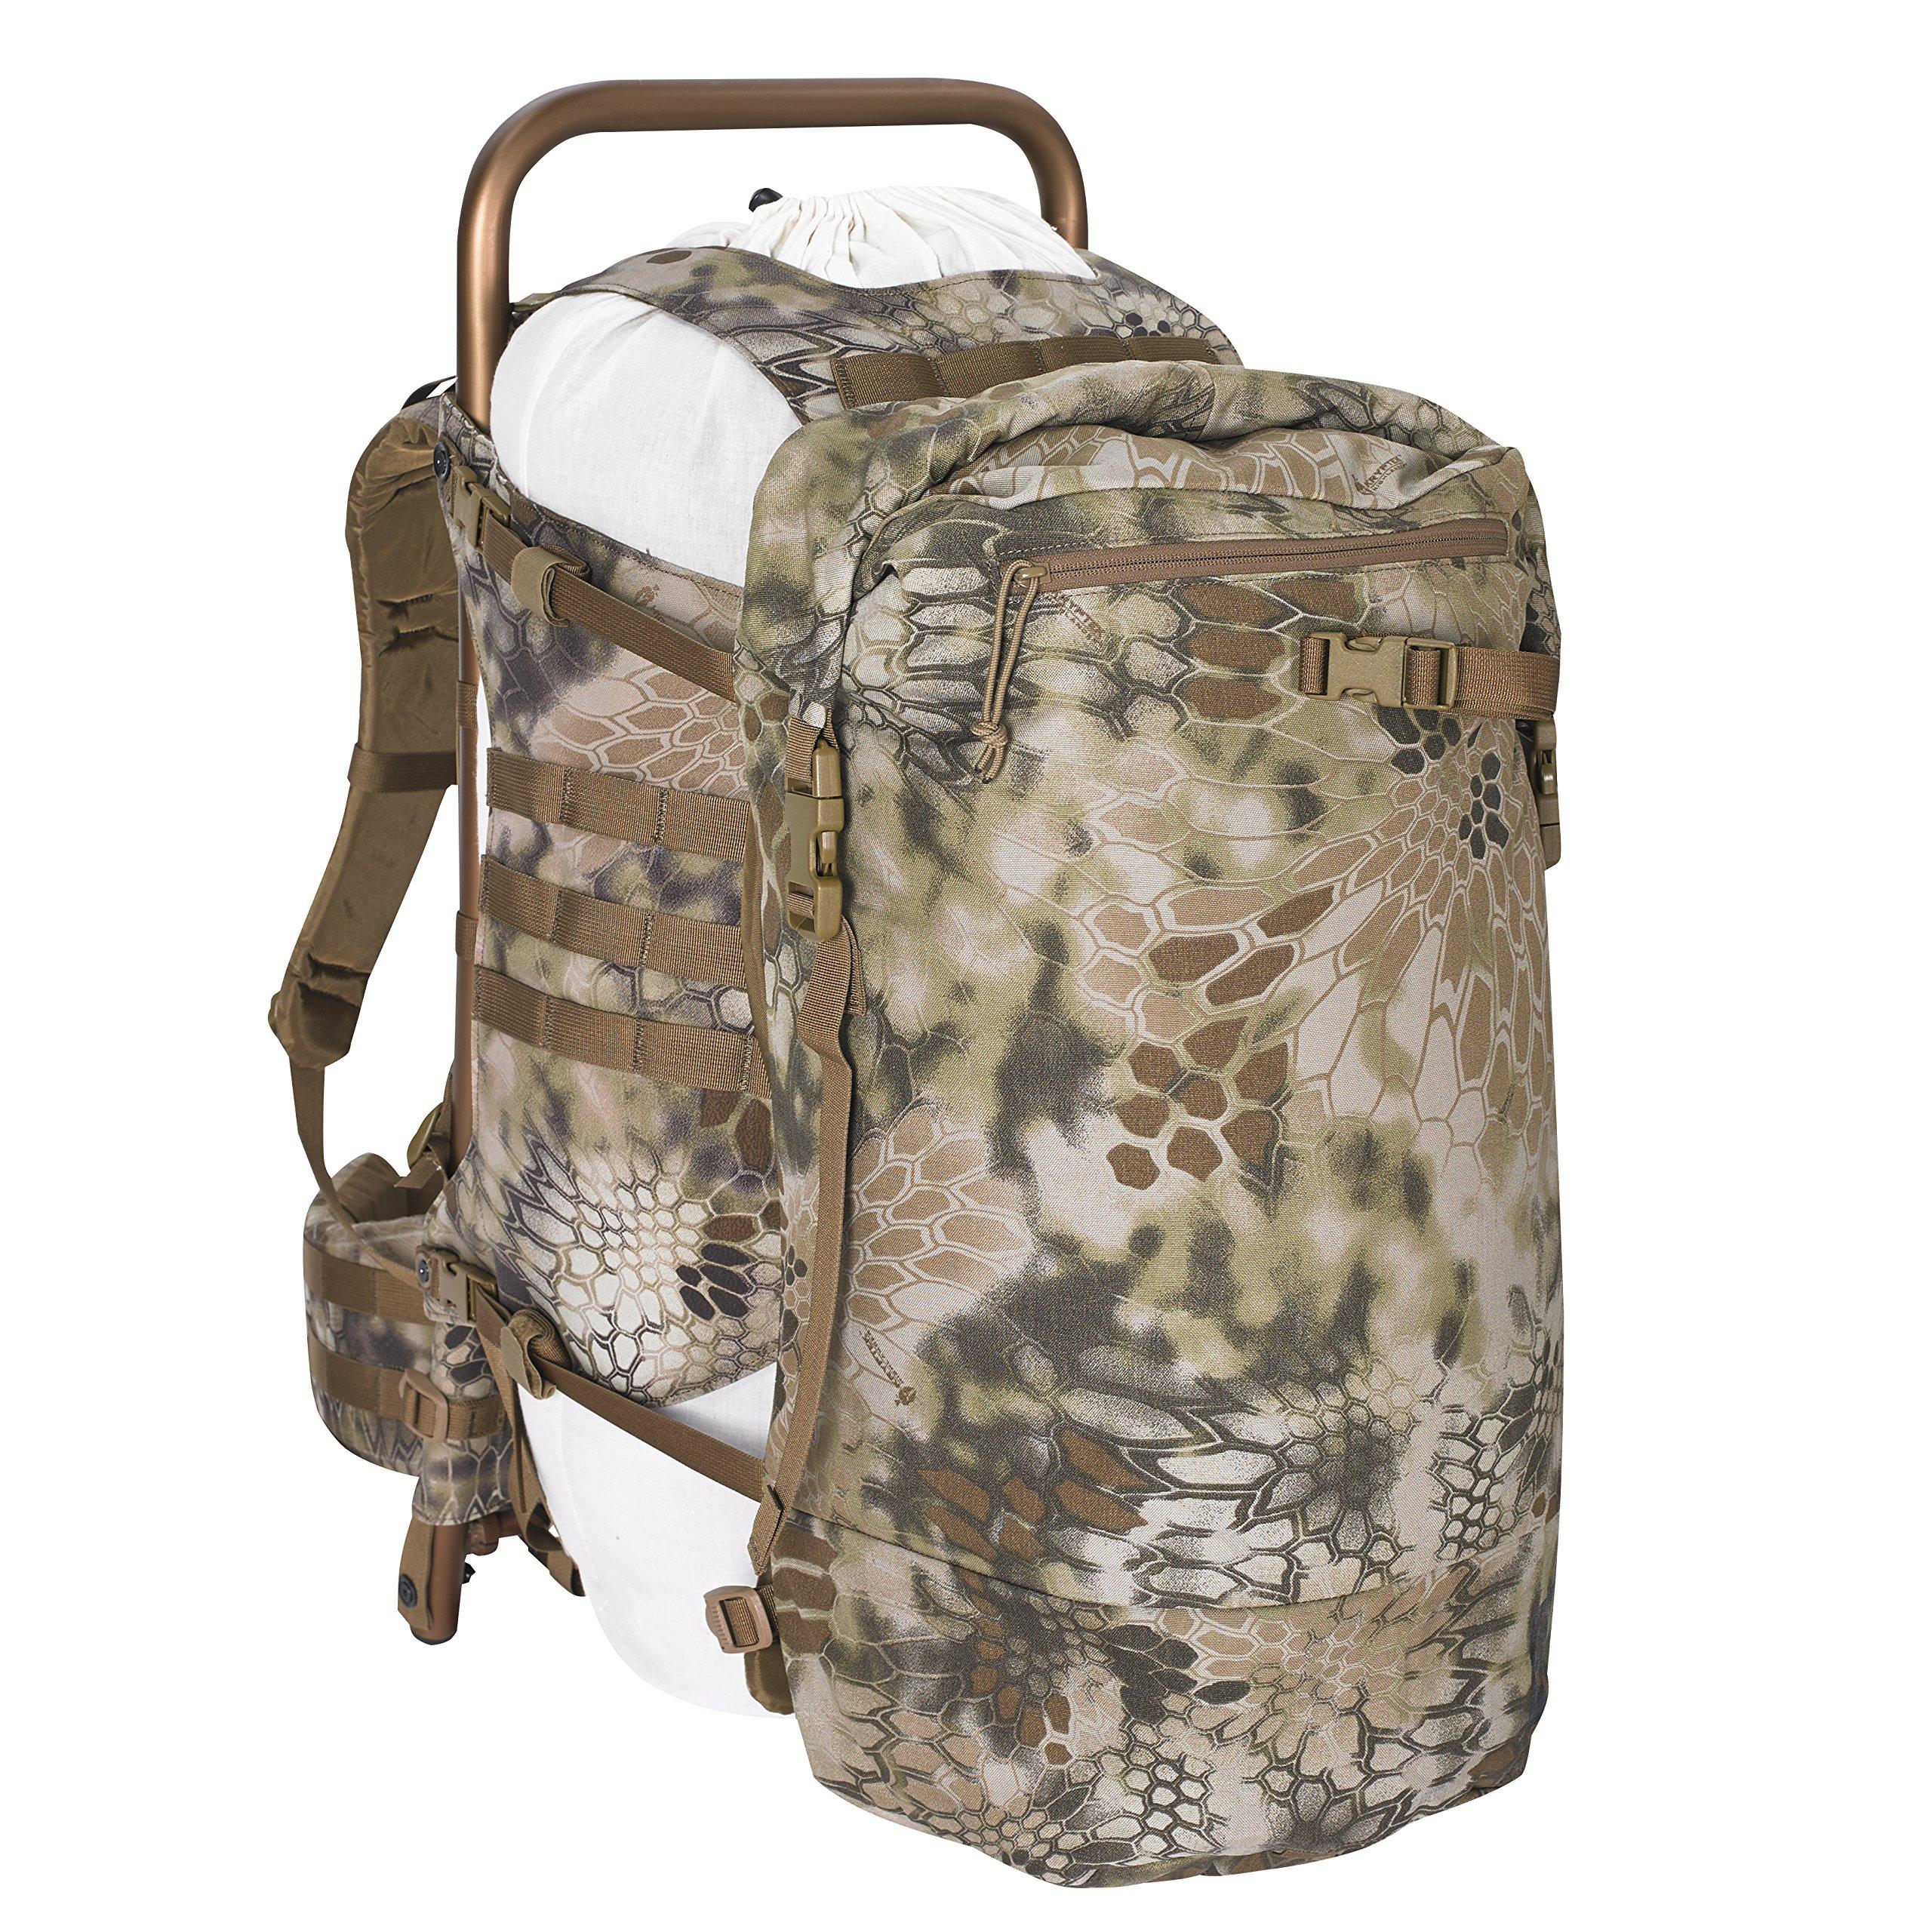 Slumberjack Rail Hauler 2500 Backpack, Kryptek by Slumberjack (Image #5)